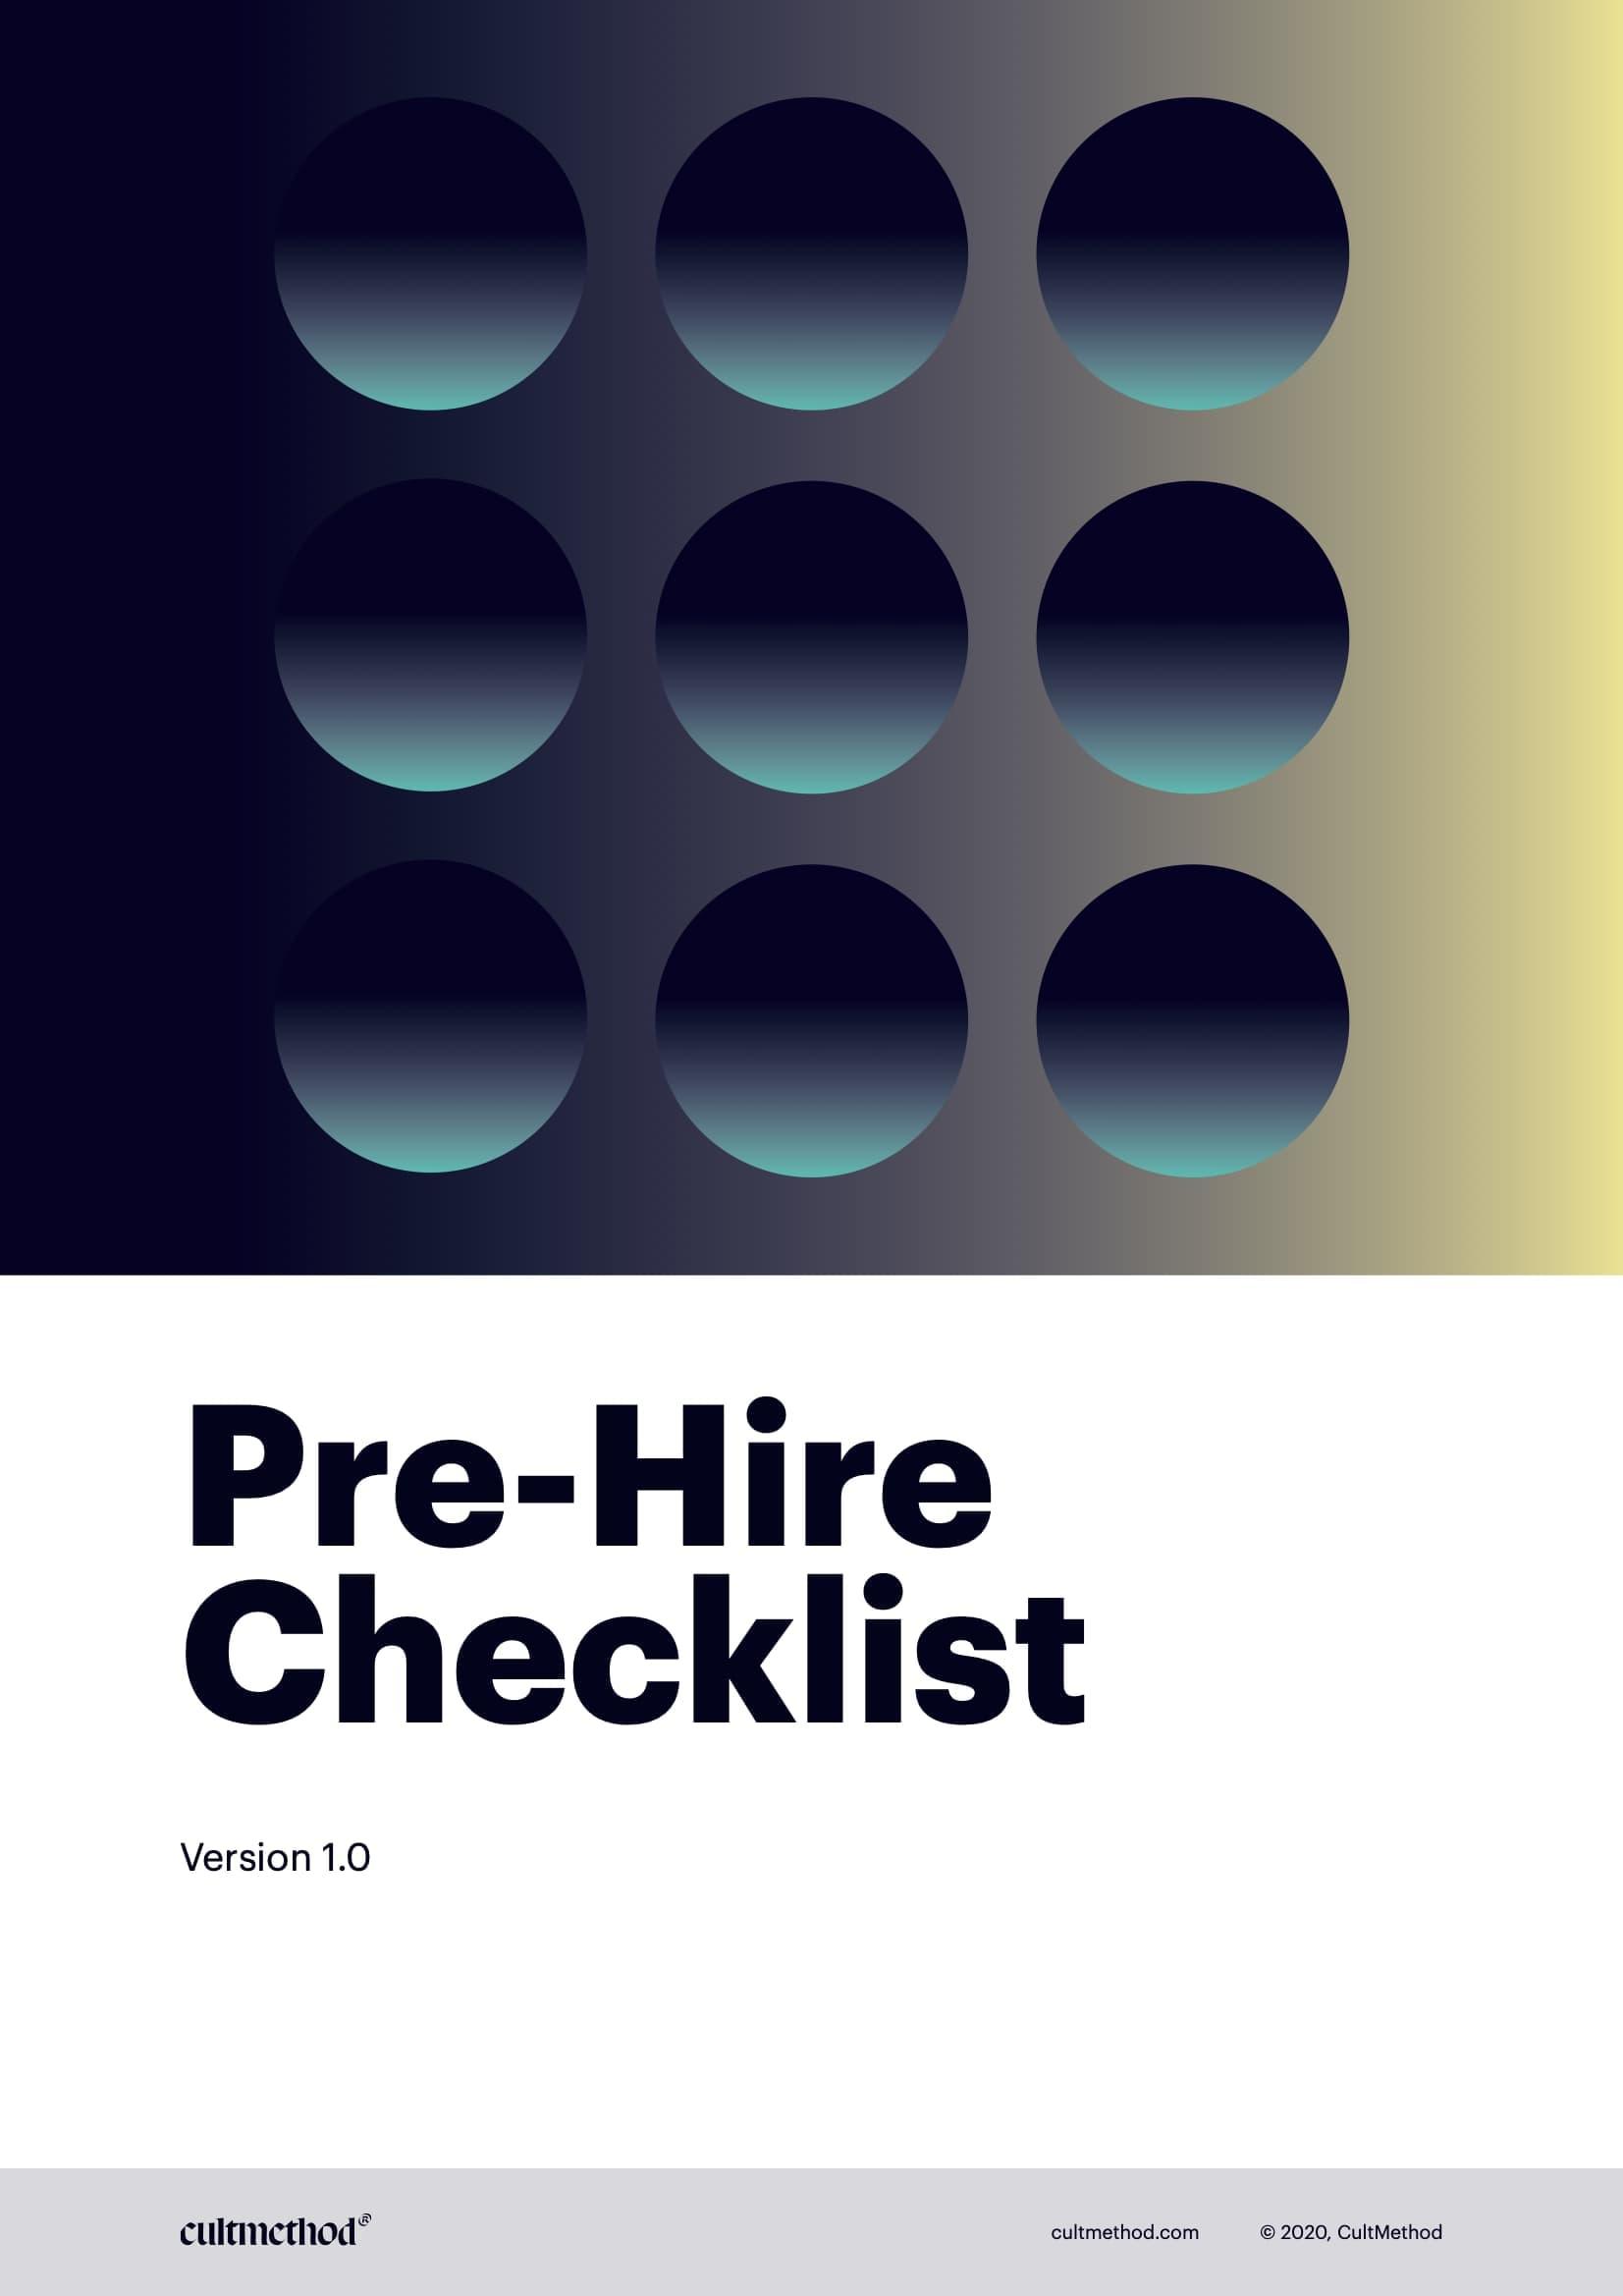 Cover page of Pre-Hire Checklist